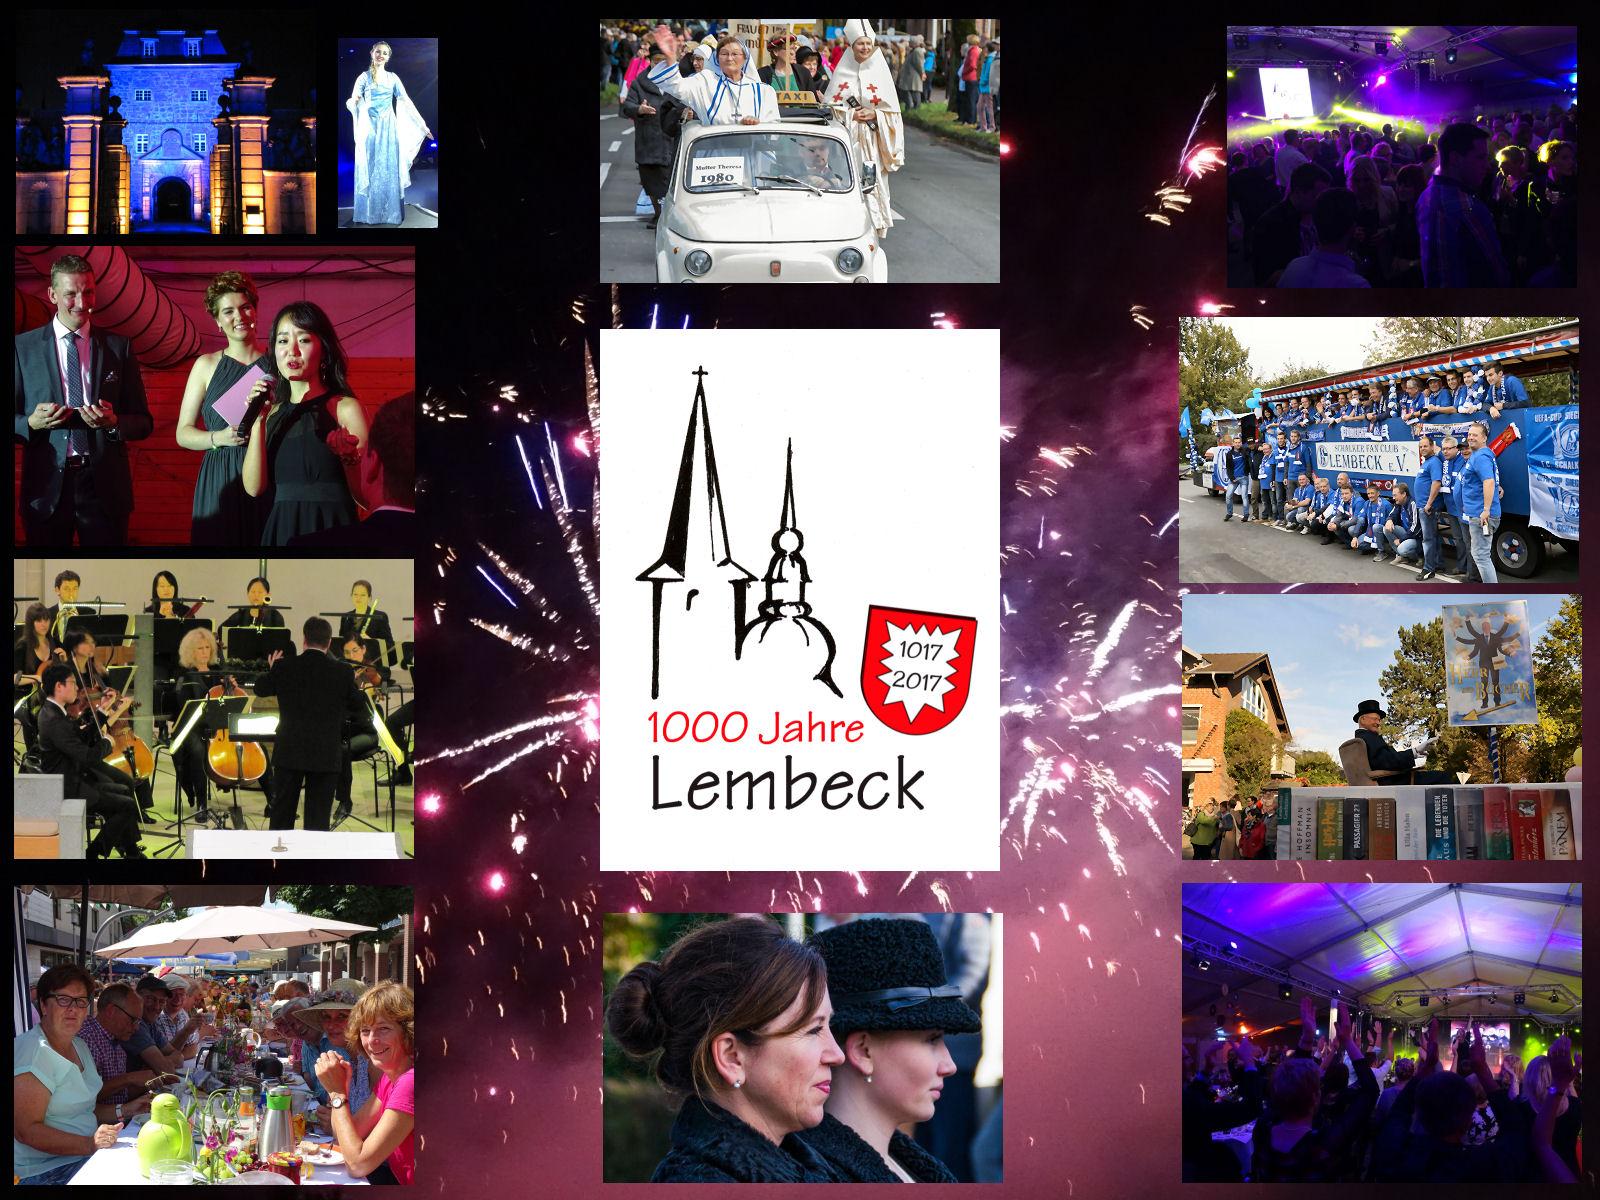 1000 Jahre Lembeck - 2017 - Das Jubiläumsjahr